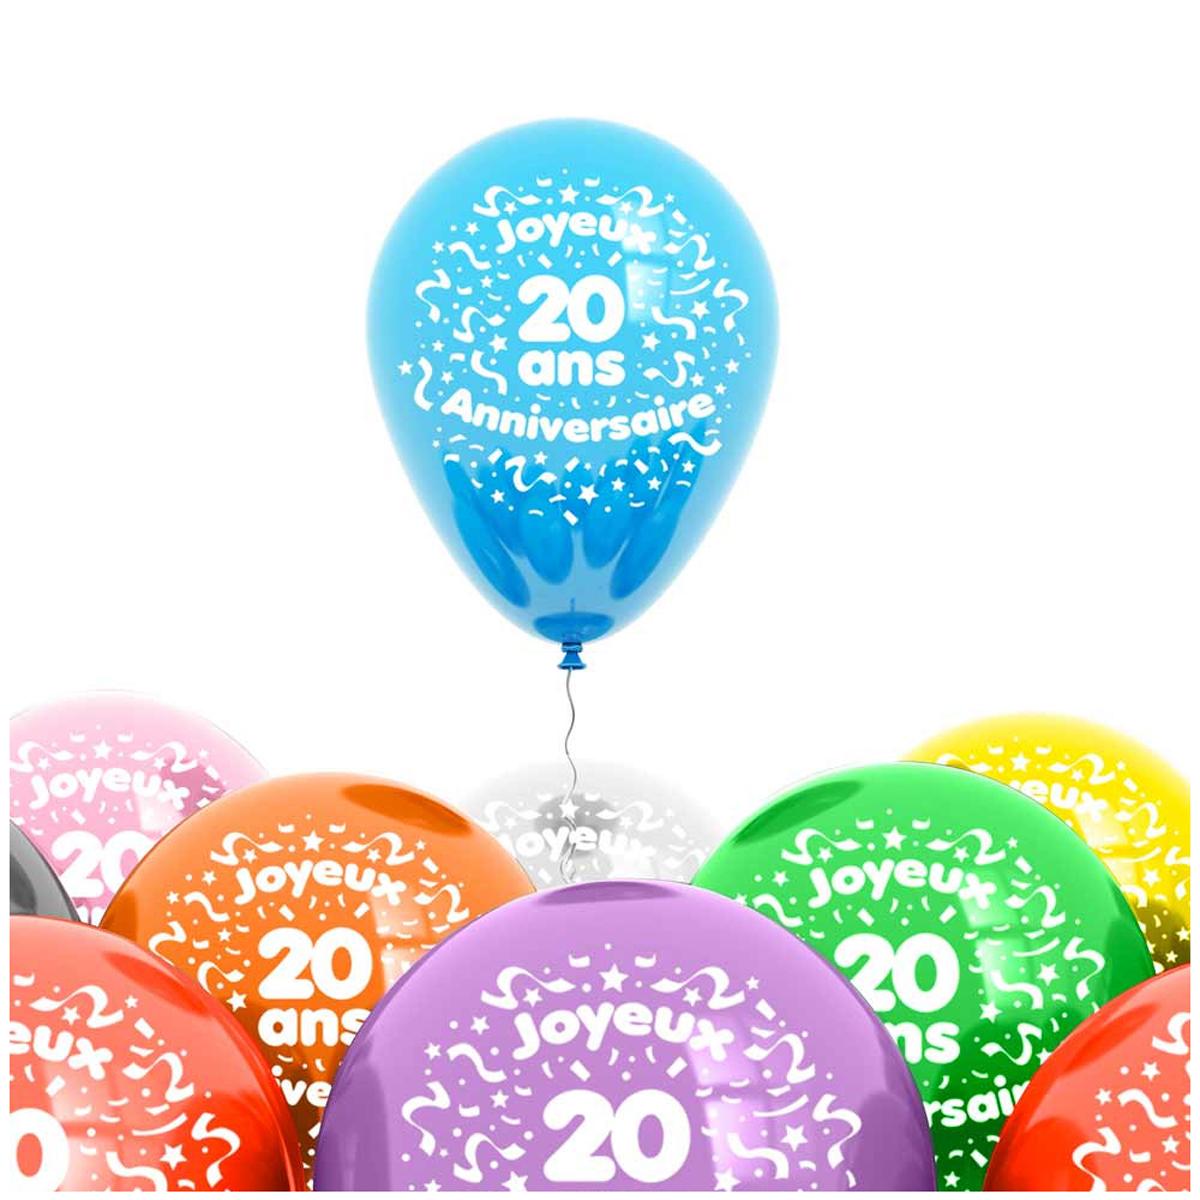 Sachet de 8 ballons \'20 ans\' - 30 cm - [L4186]